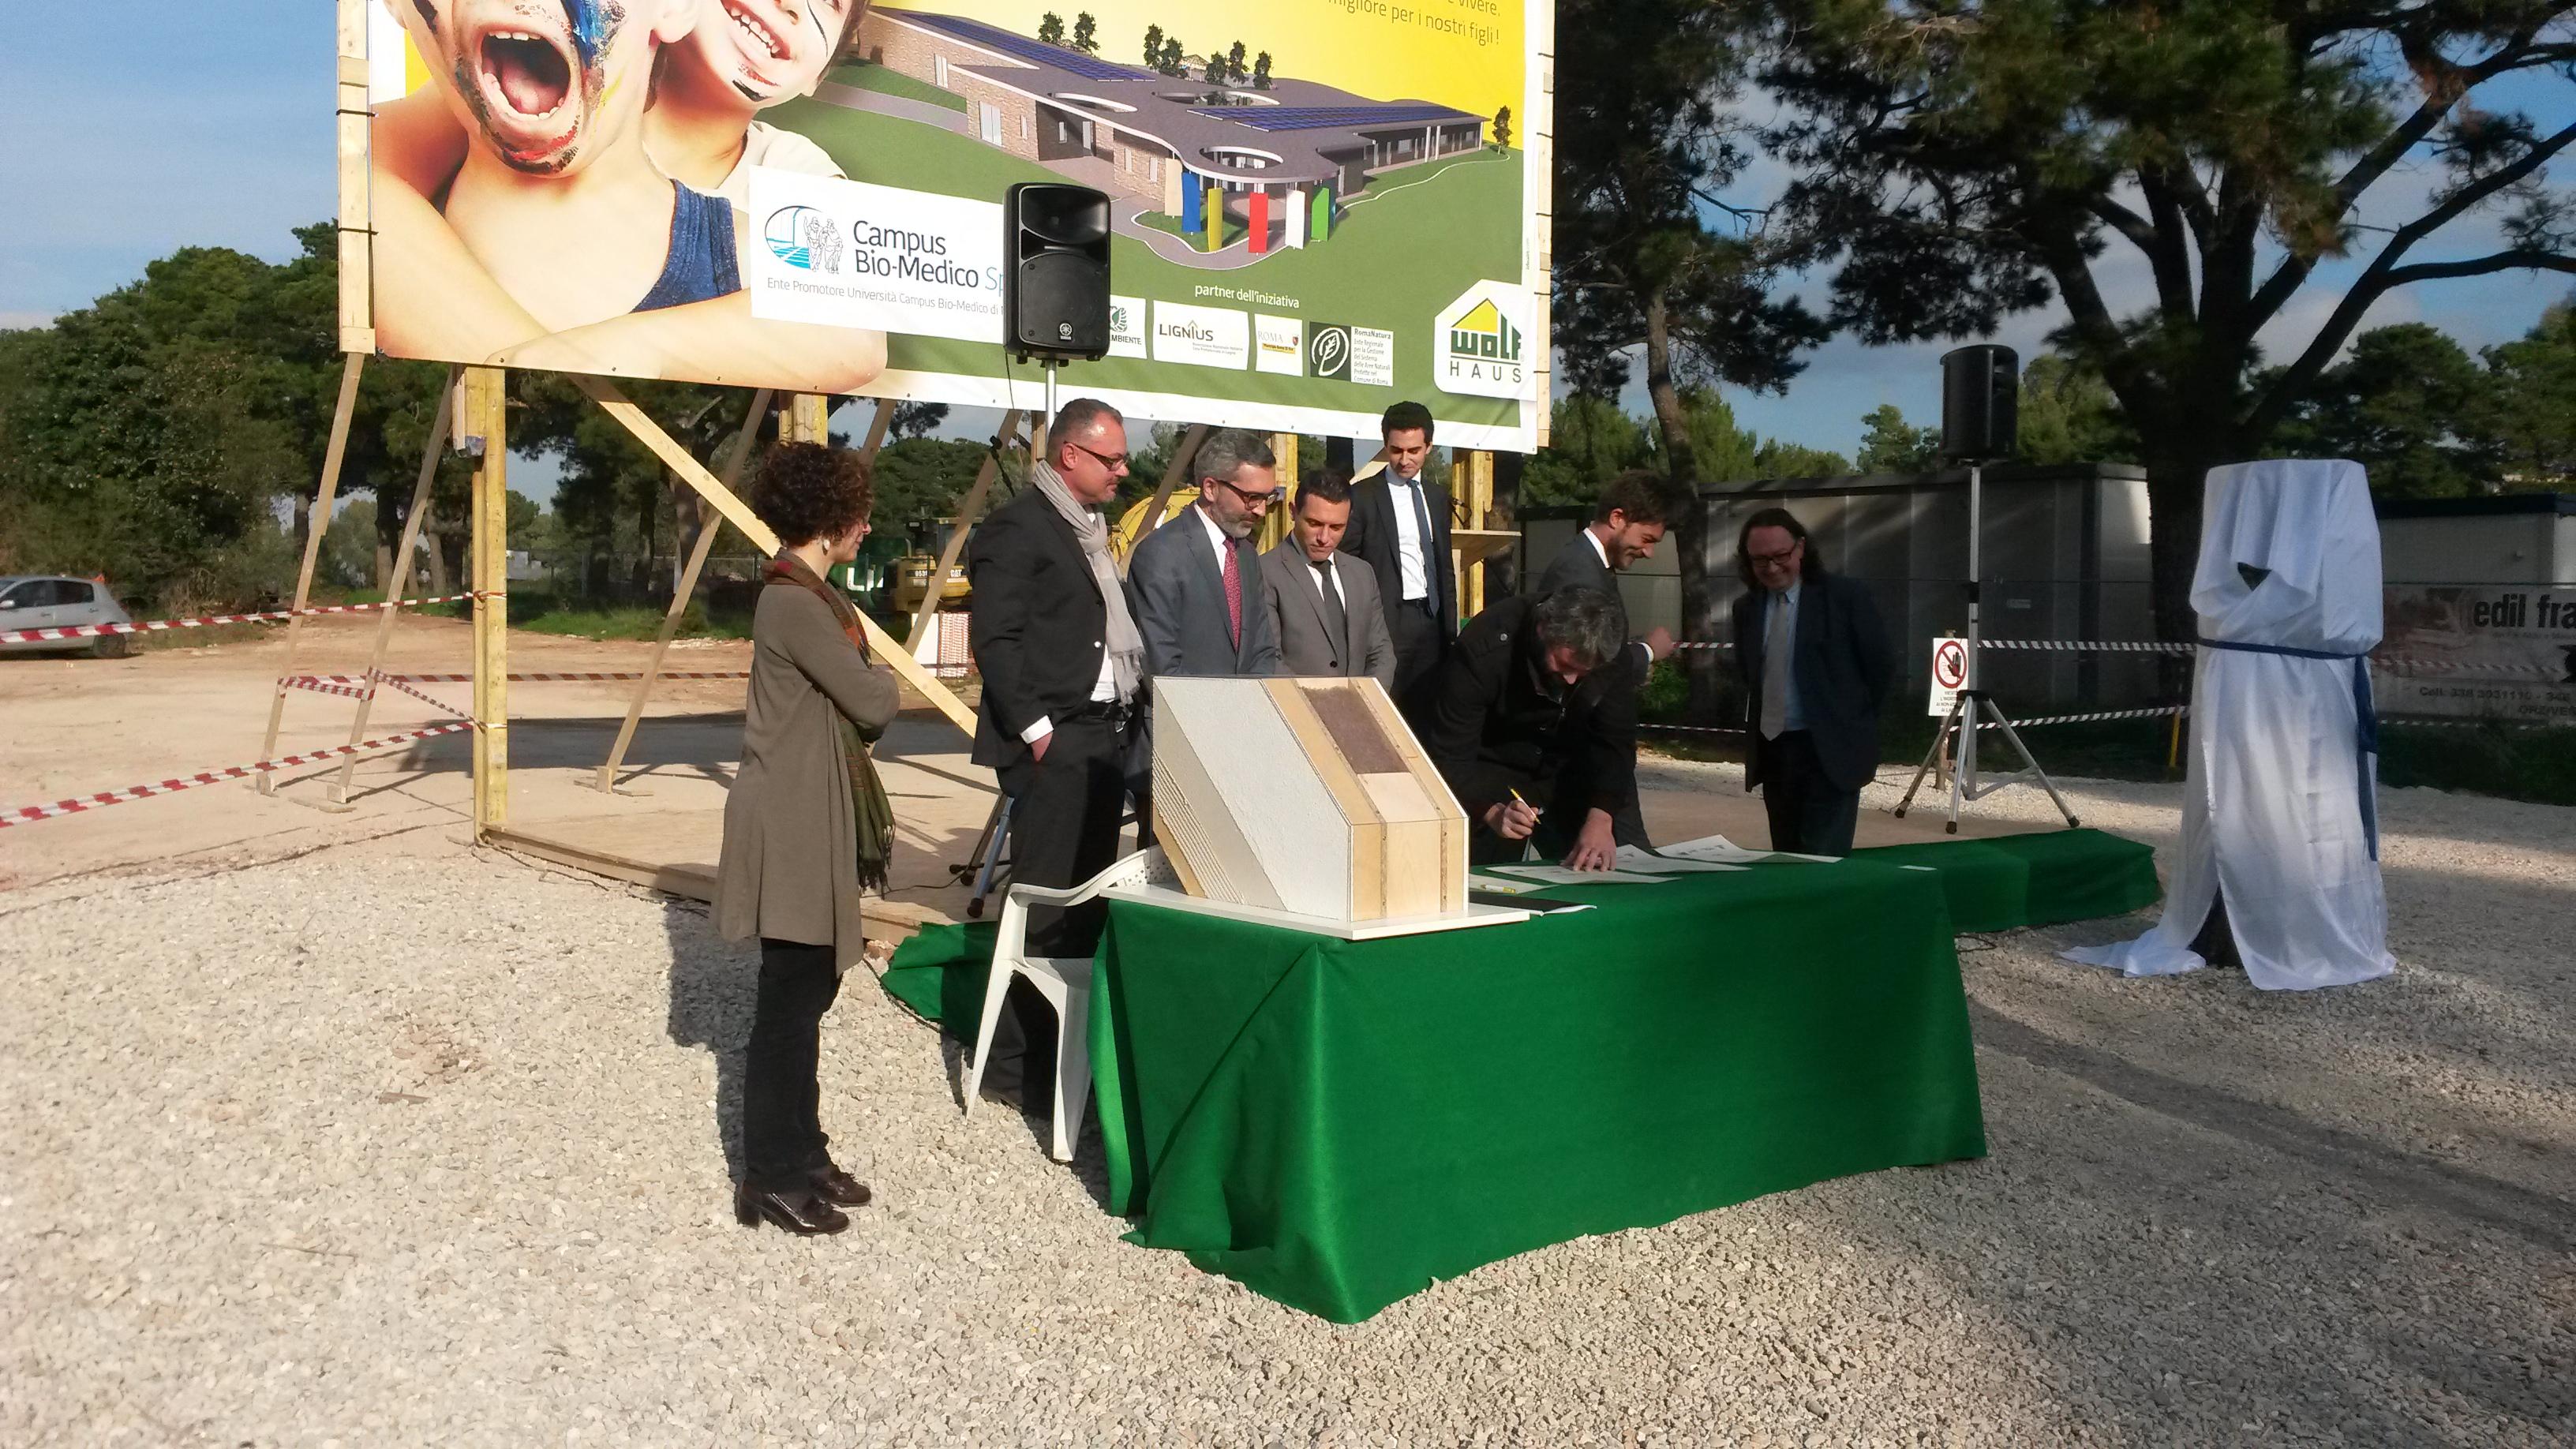 """Trigoria: nuovo Asilo Nido del Campus Bio-Medico di Roma e firmata la """"Carta dell'eco-sostenibilità per l'edilizia scolastica"""""""